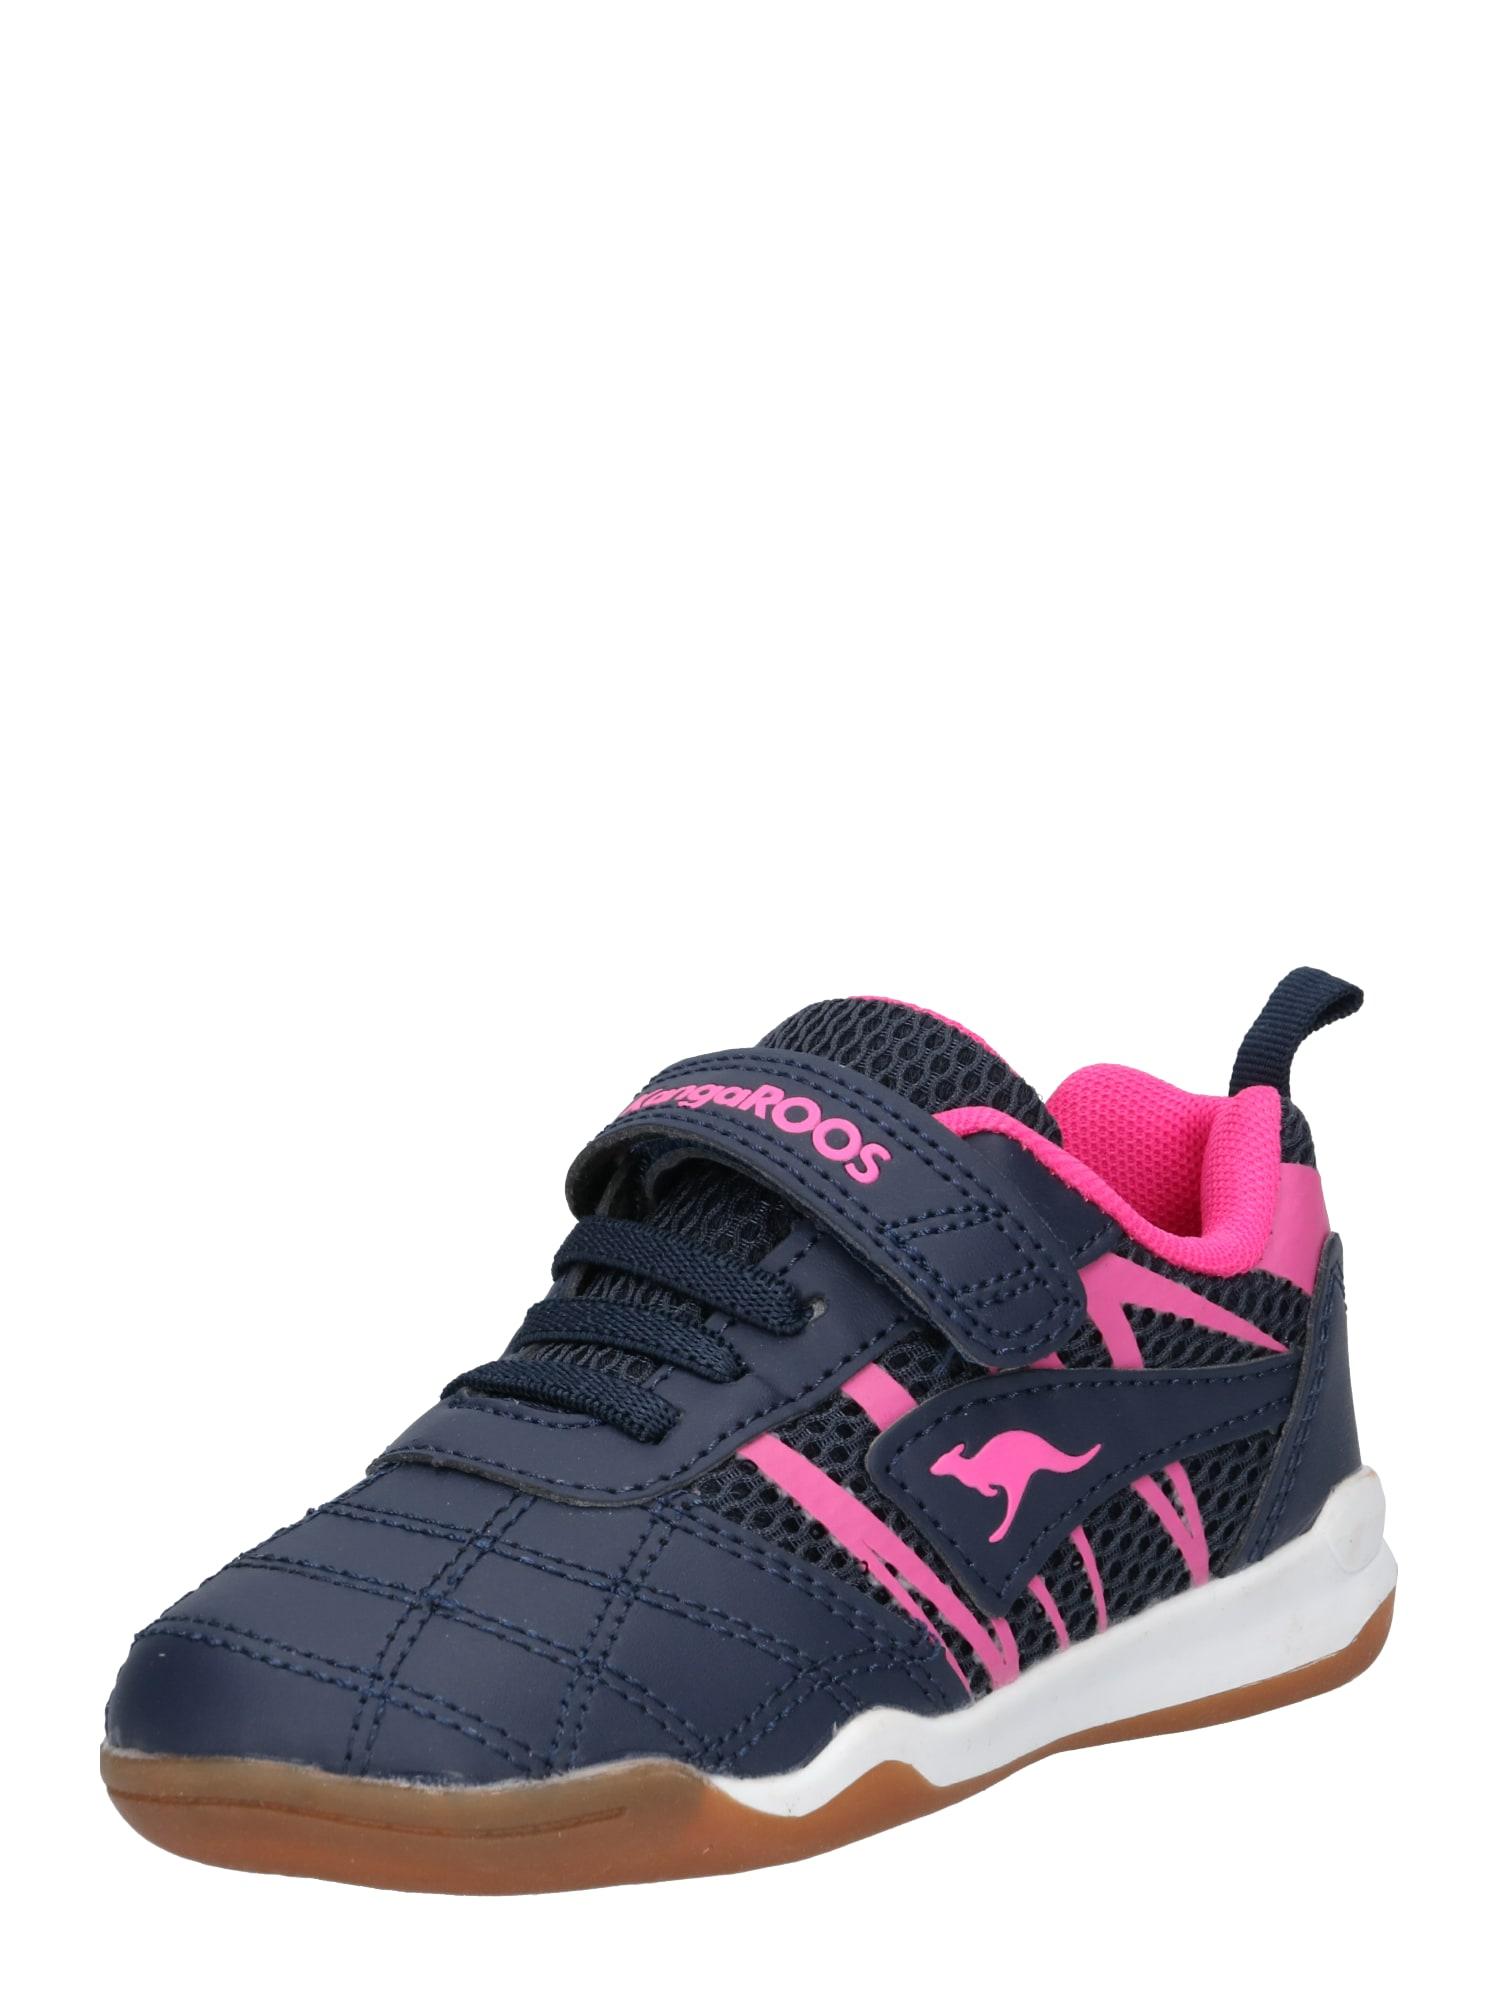 Tenisky Court Comb EV námořnická modř pink KangaROOS